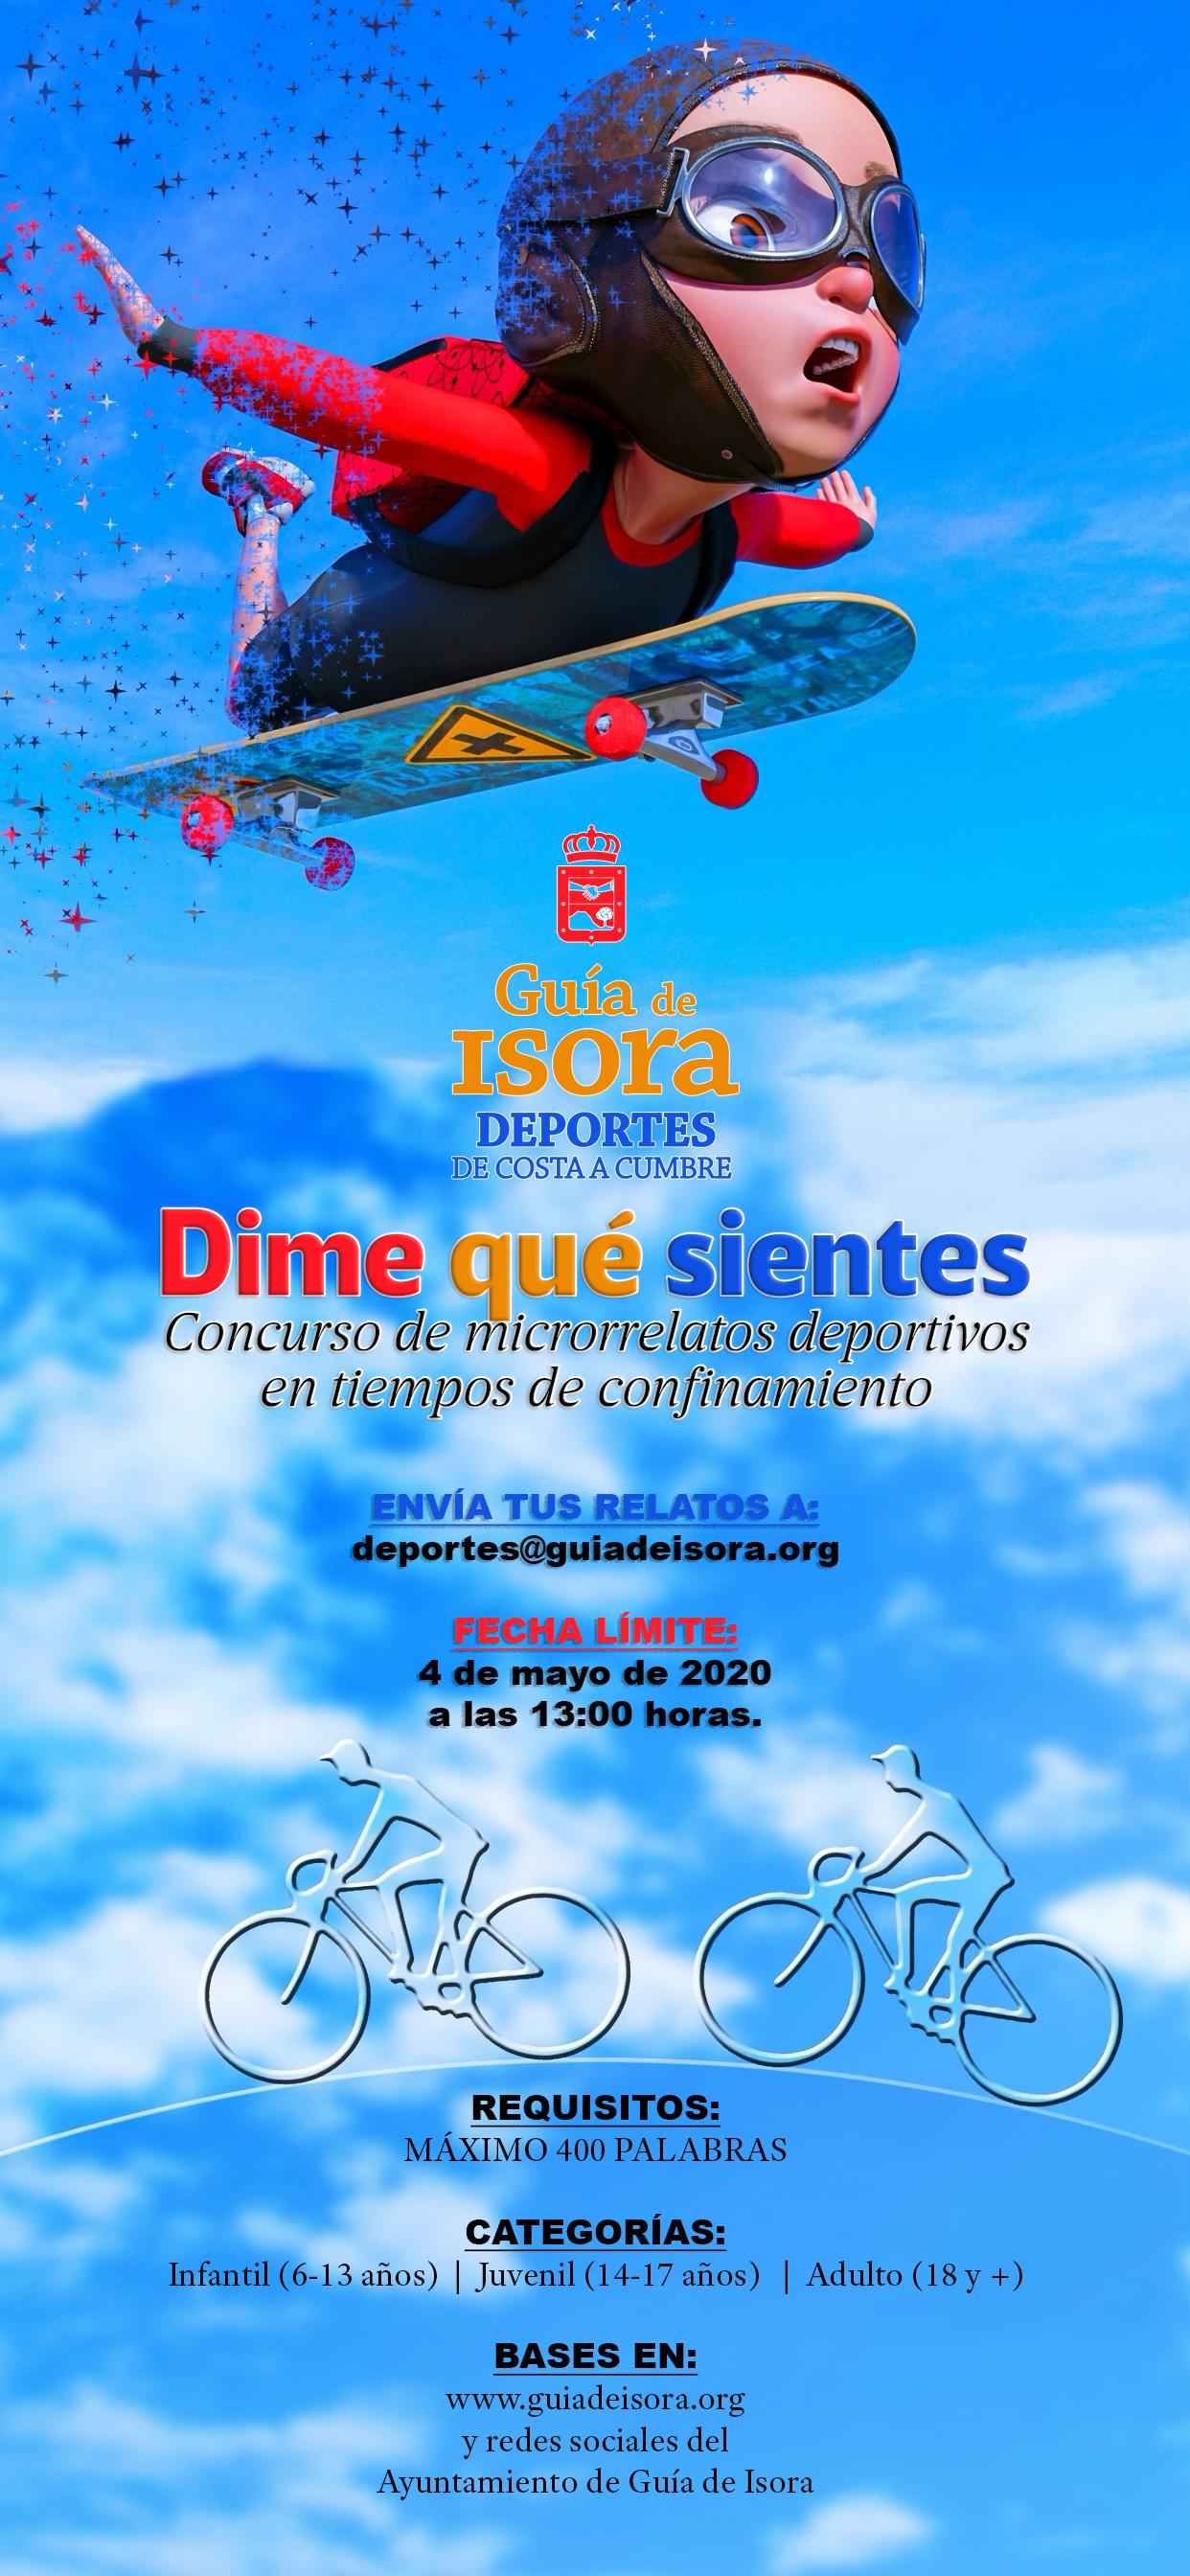 Cartel del Concurso de Microrrelatos deportivos 'Dime qué sientes' en tiempos de confinamiento.